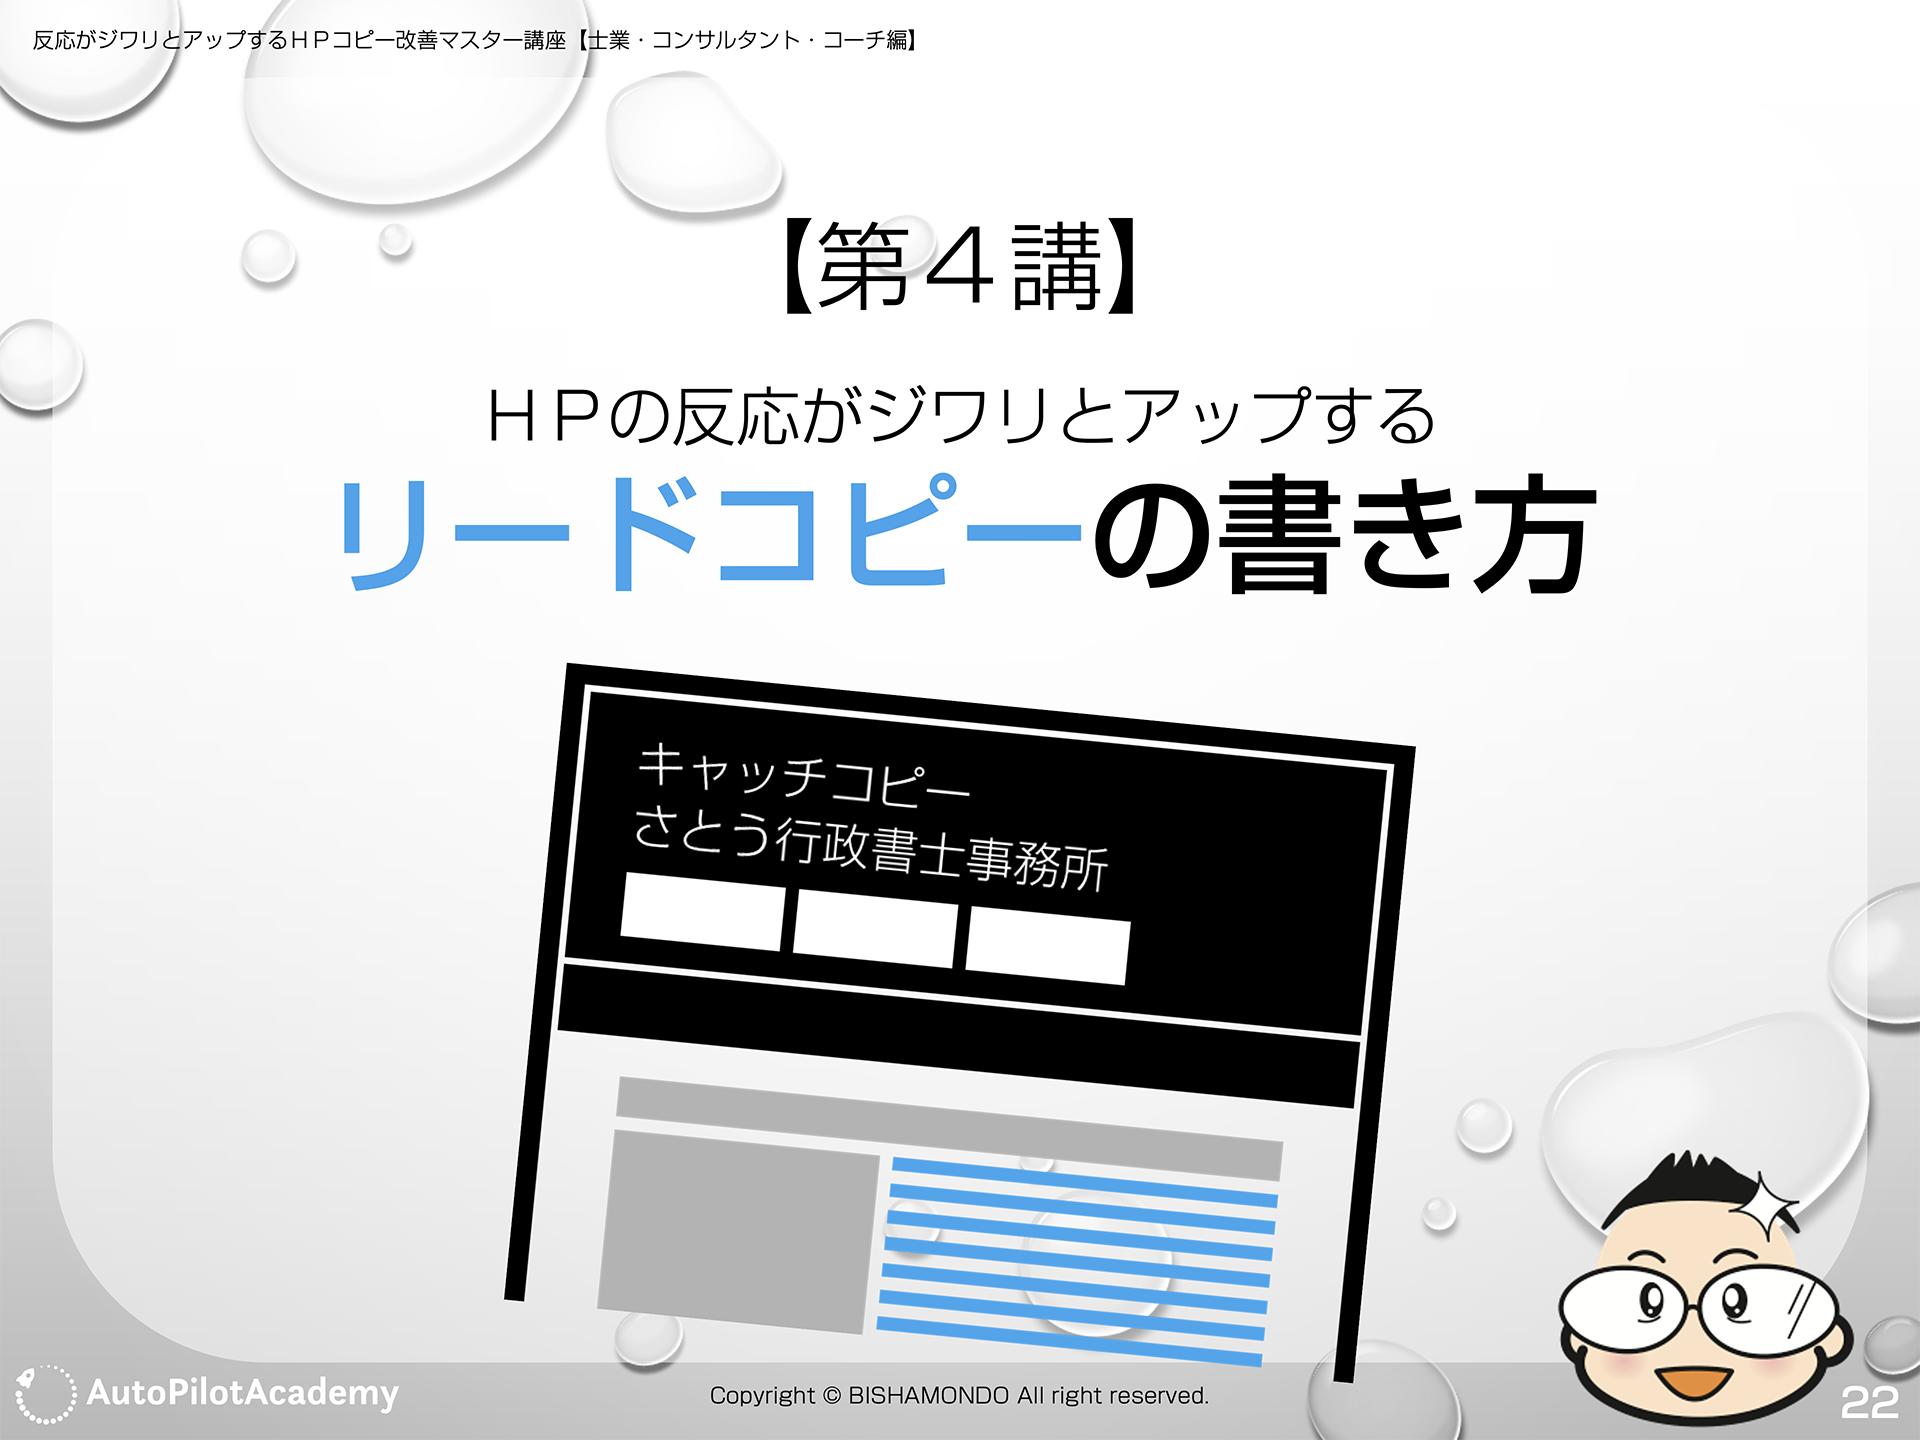 【第4講】HPの反応がジワリとアップするリードコピーの書き方